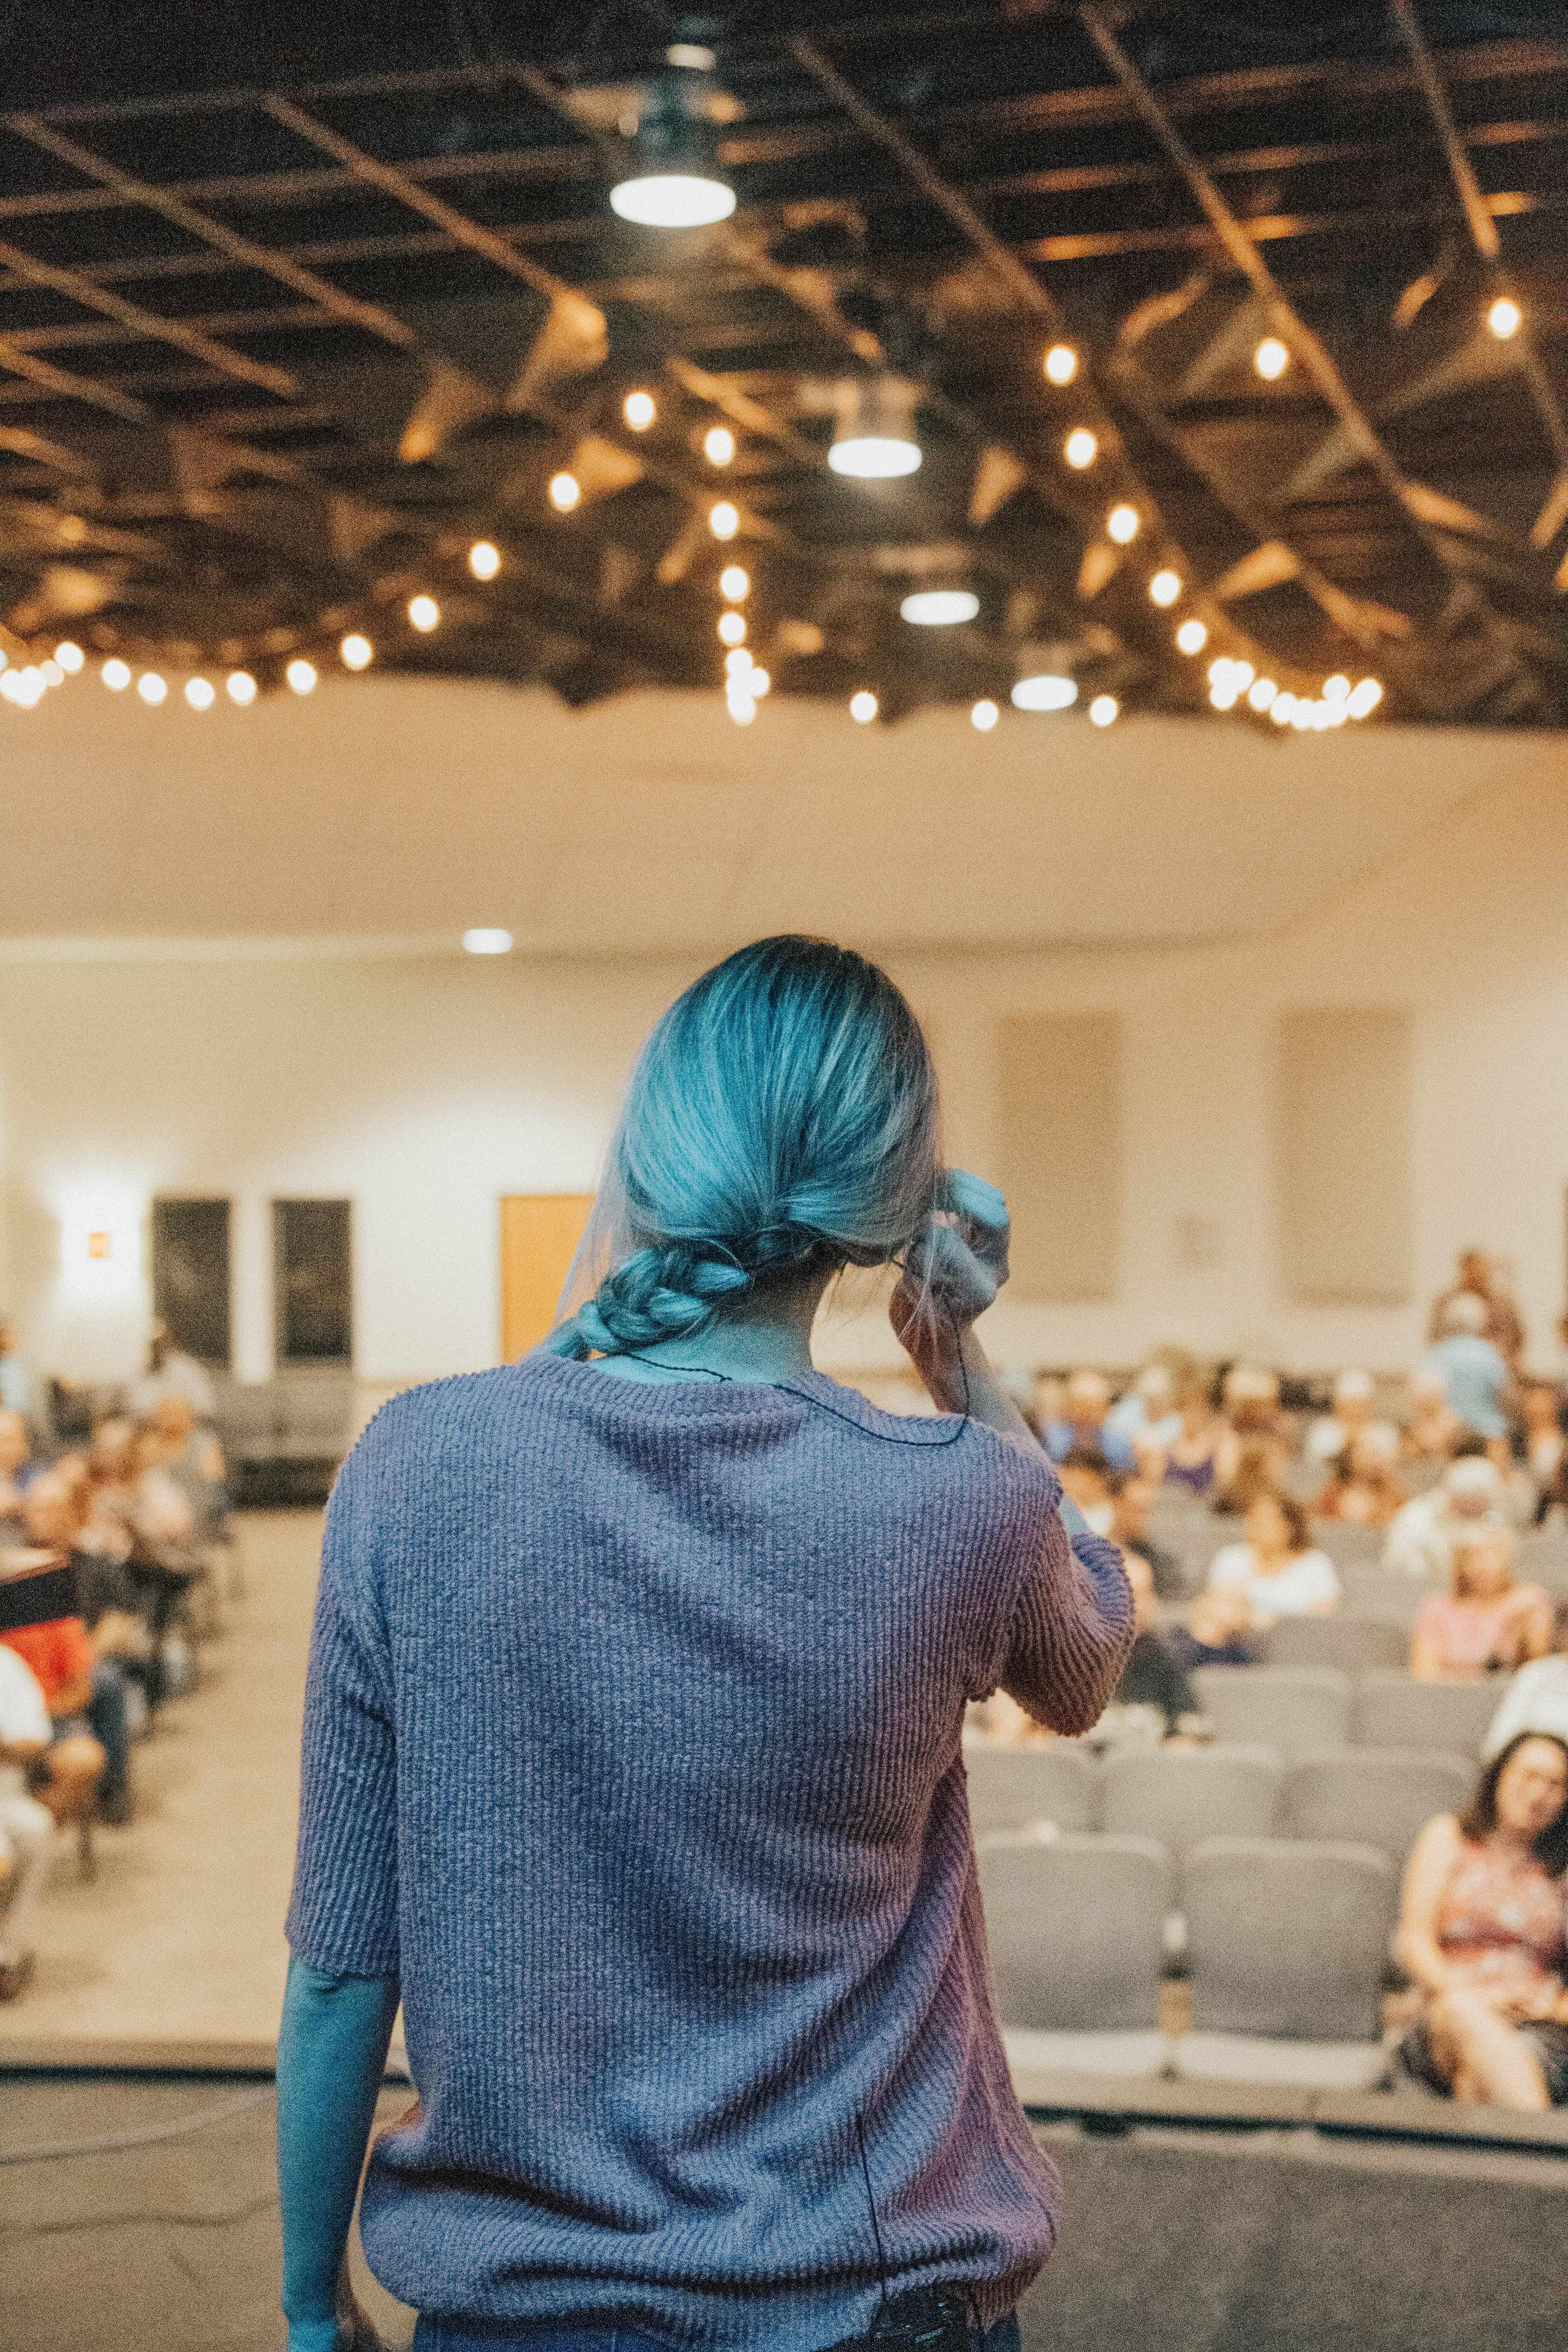 Foto von Vortragender von hinten auf einer Bühne stehend, im Hintergrund verschwommen Zuhörer*innen